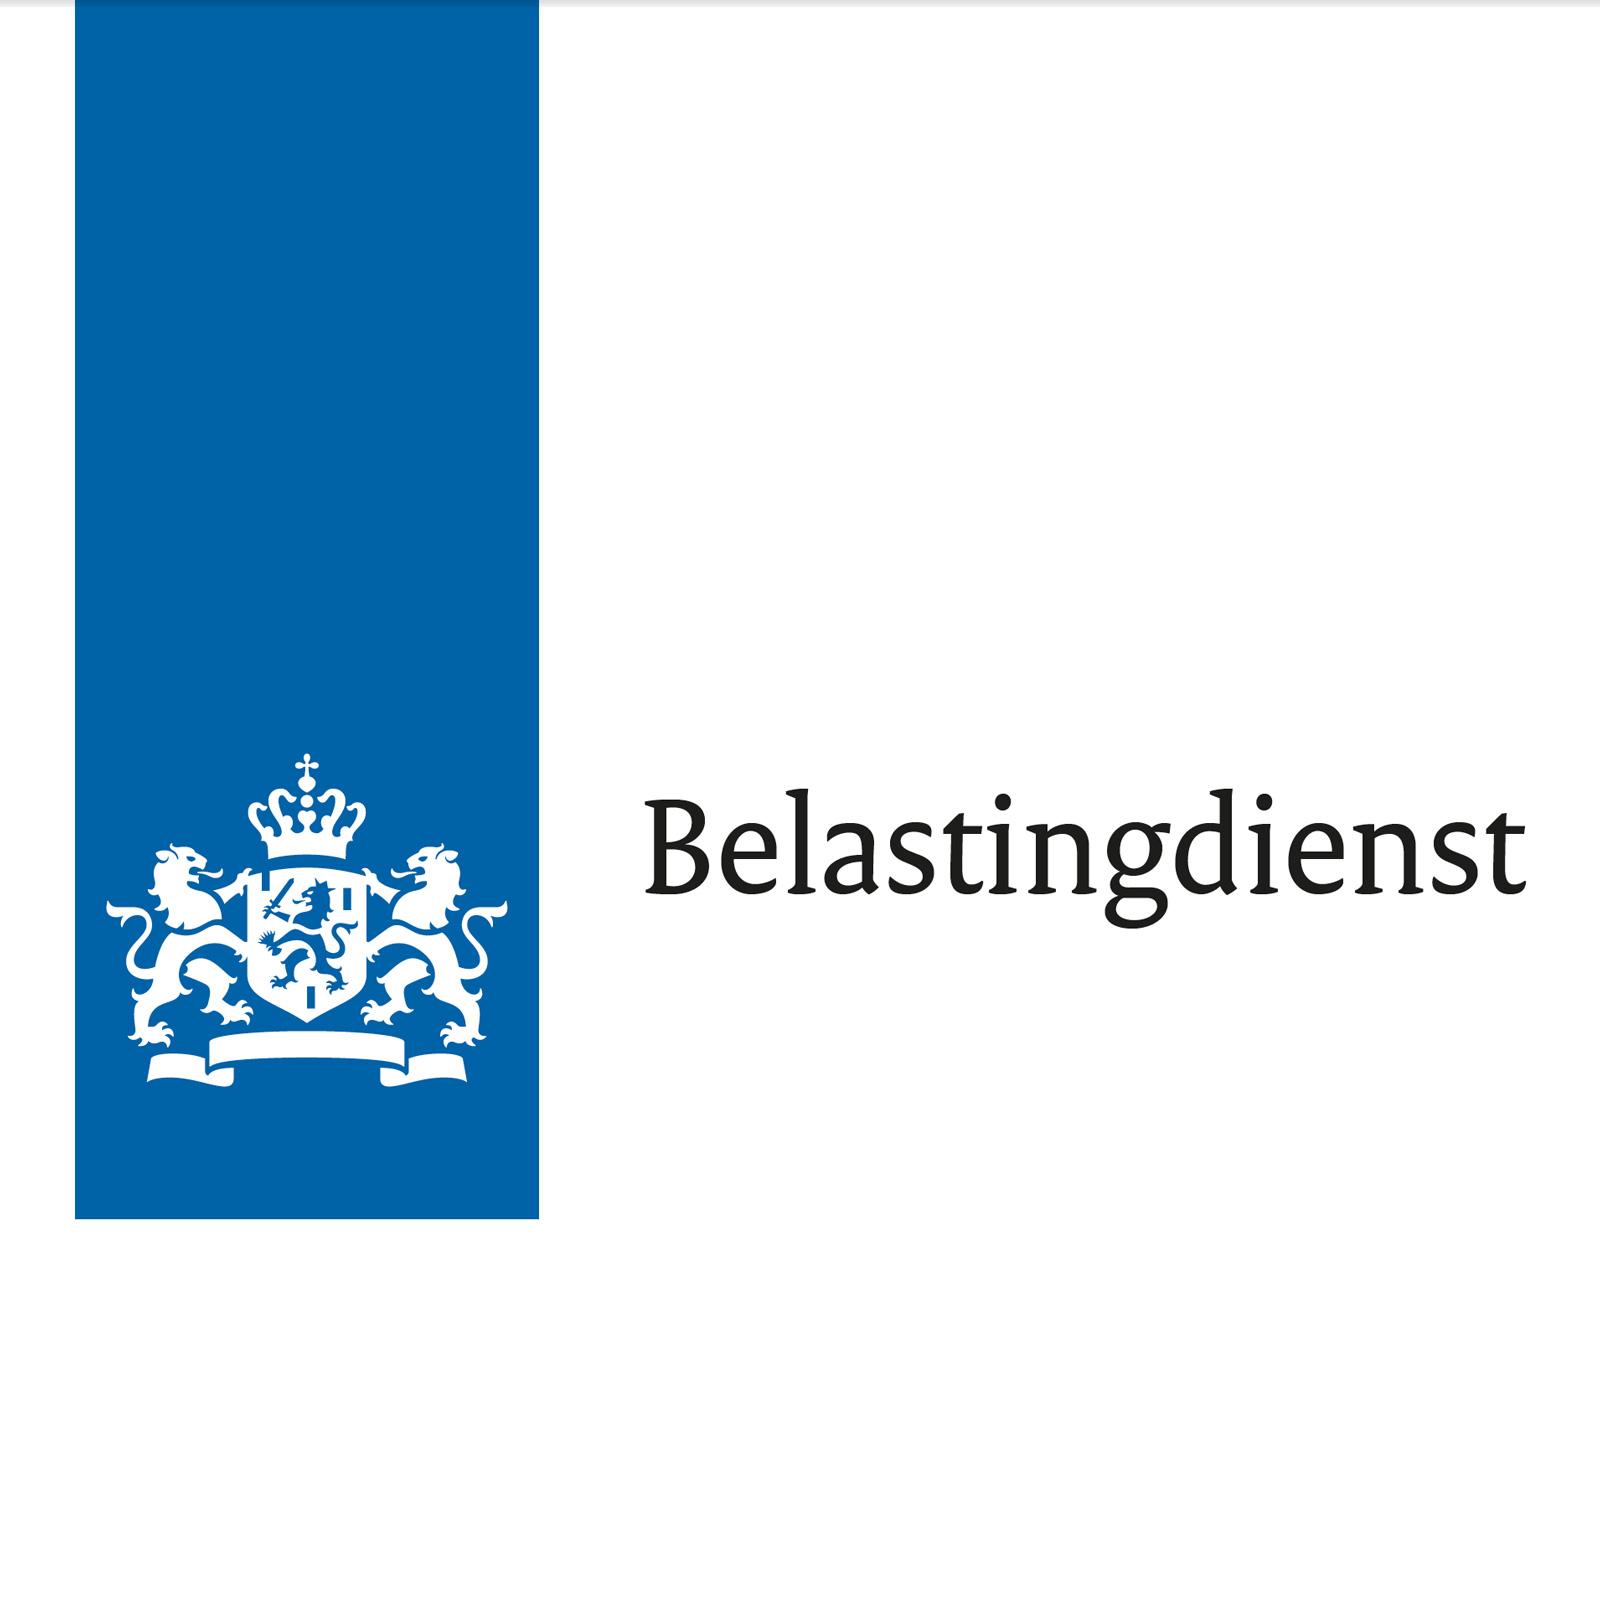 dating site voor jeugdvakantie aanvragen Bekijk meer fragmenten op jean201358 (id: 1098048) 58 jaar 100% il silenzio - trumpet solo il silenzio (trumpet solo) in bb major.